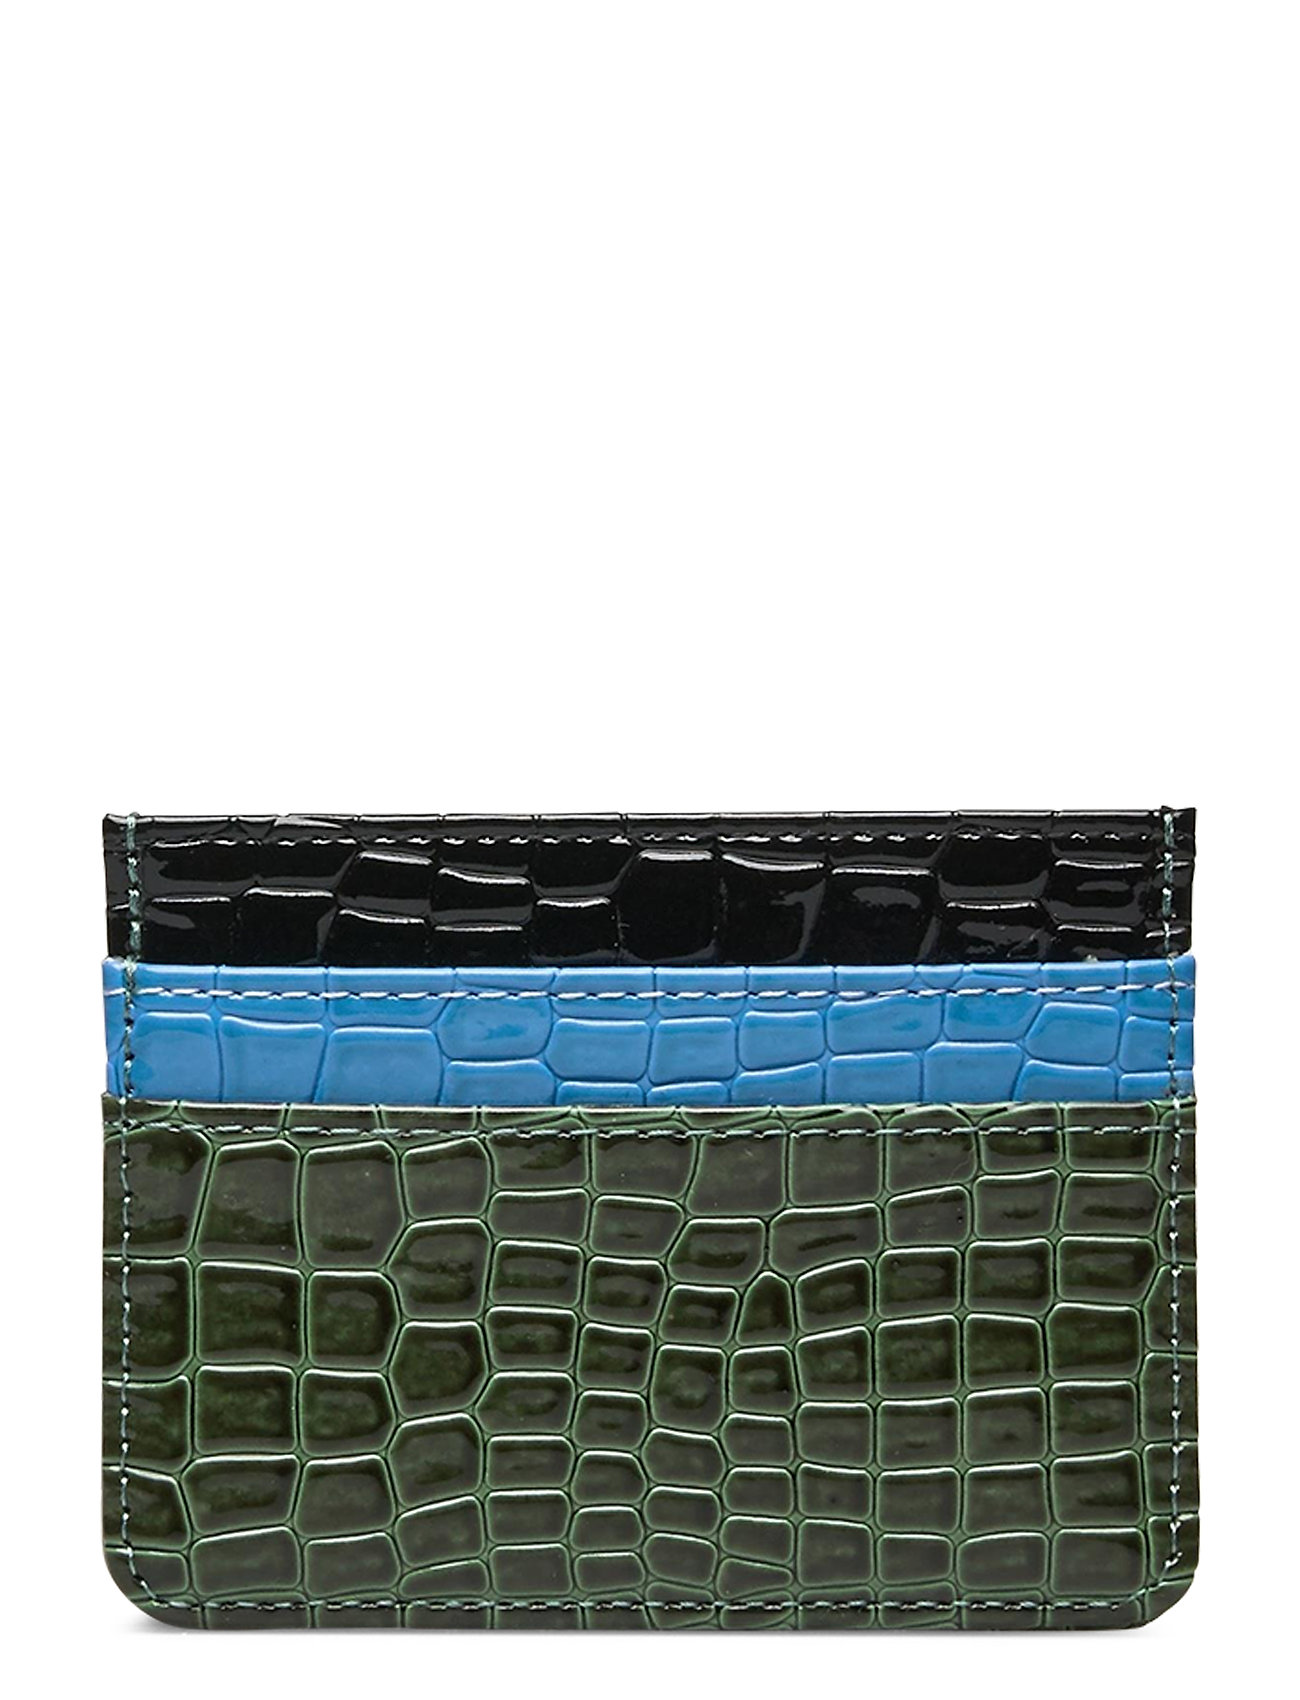 Image of Card Holder Multi Croco Bags Card Holders & Wallets Card Holder Sort Hvisk (3455524001)